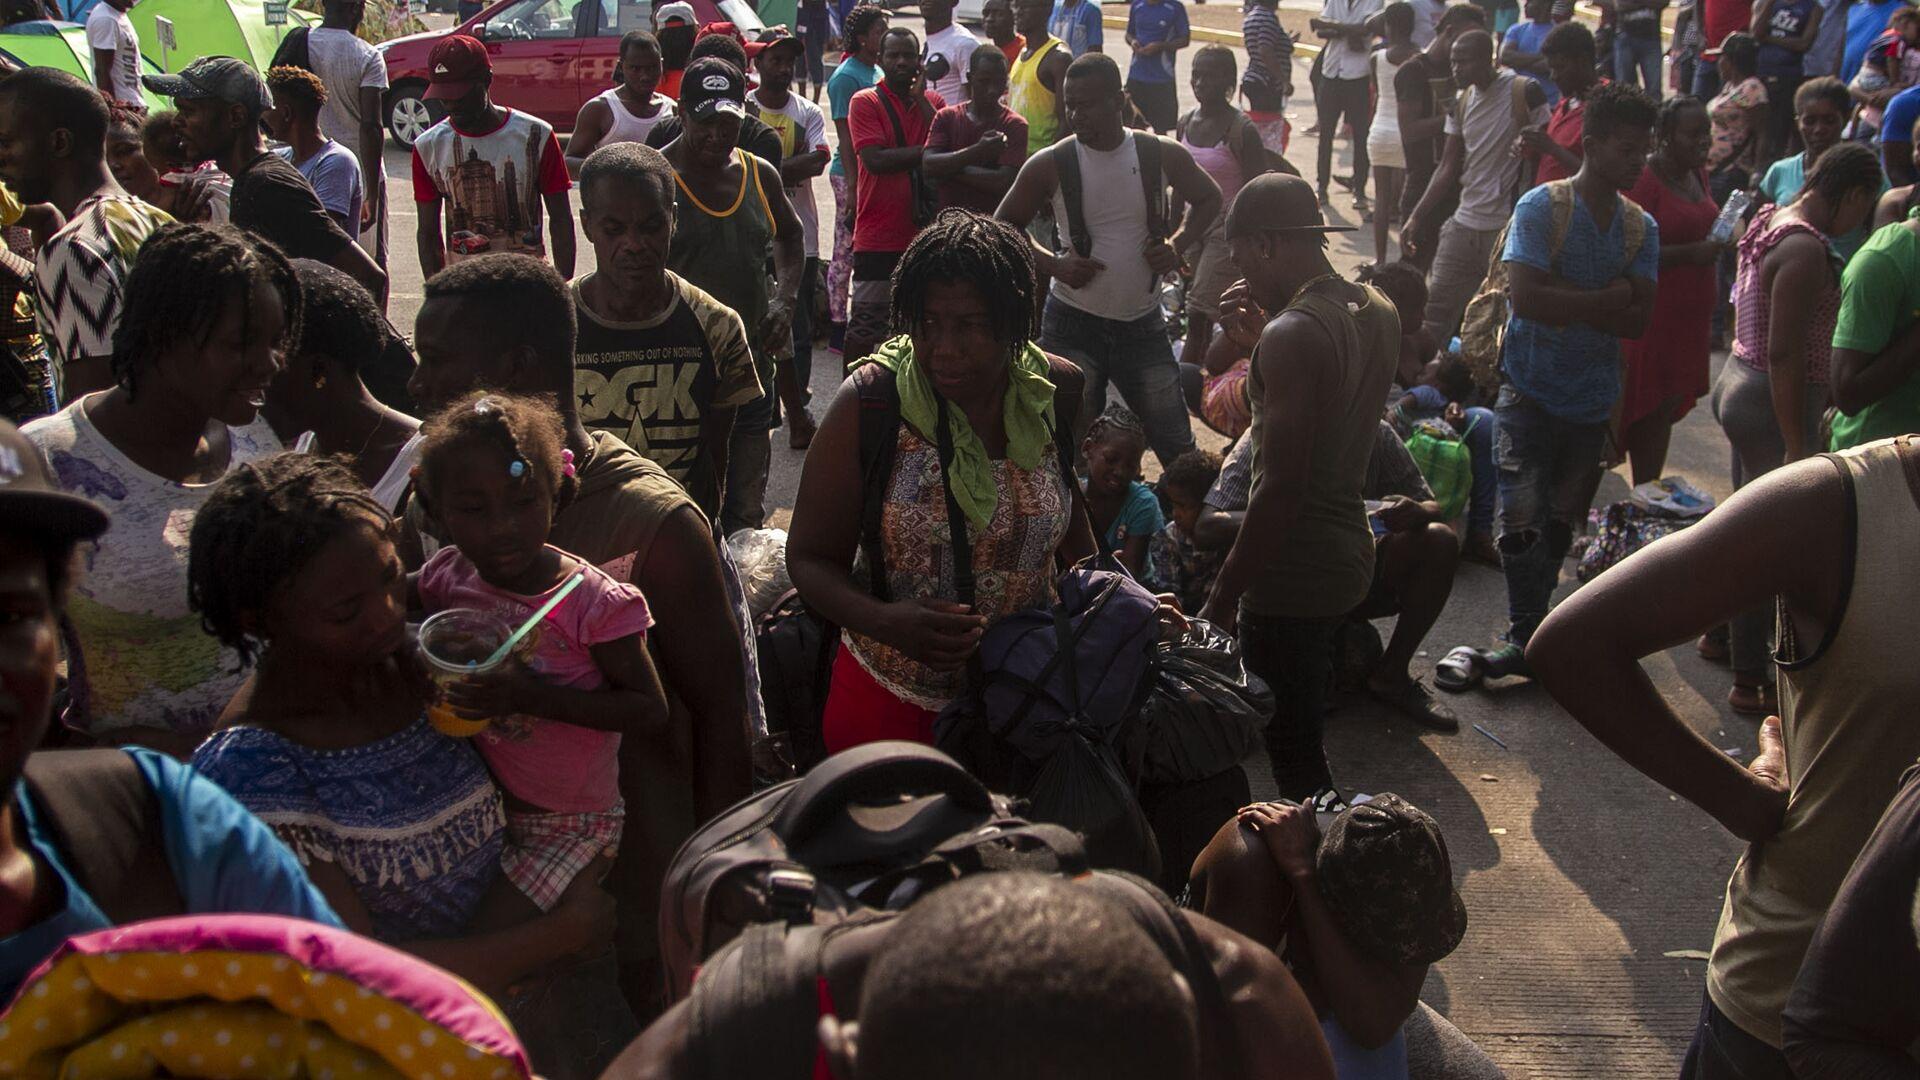 Tapachula, Chiapas: Cientos de migrantes, muchos de ellos haitianos, esperan que les resuelvan su situación migratoria en la estación Siglo XXI - Sputnik Mundo, 1920, 01.09.2021